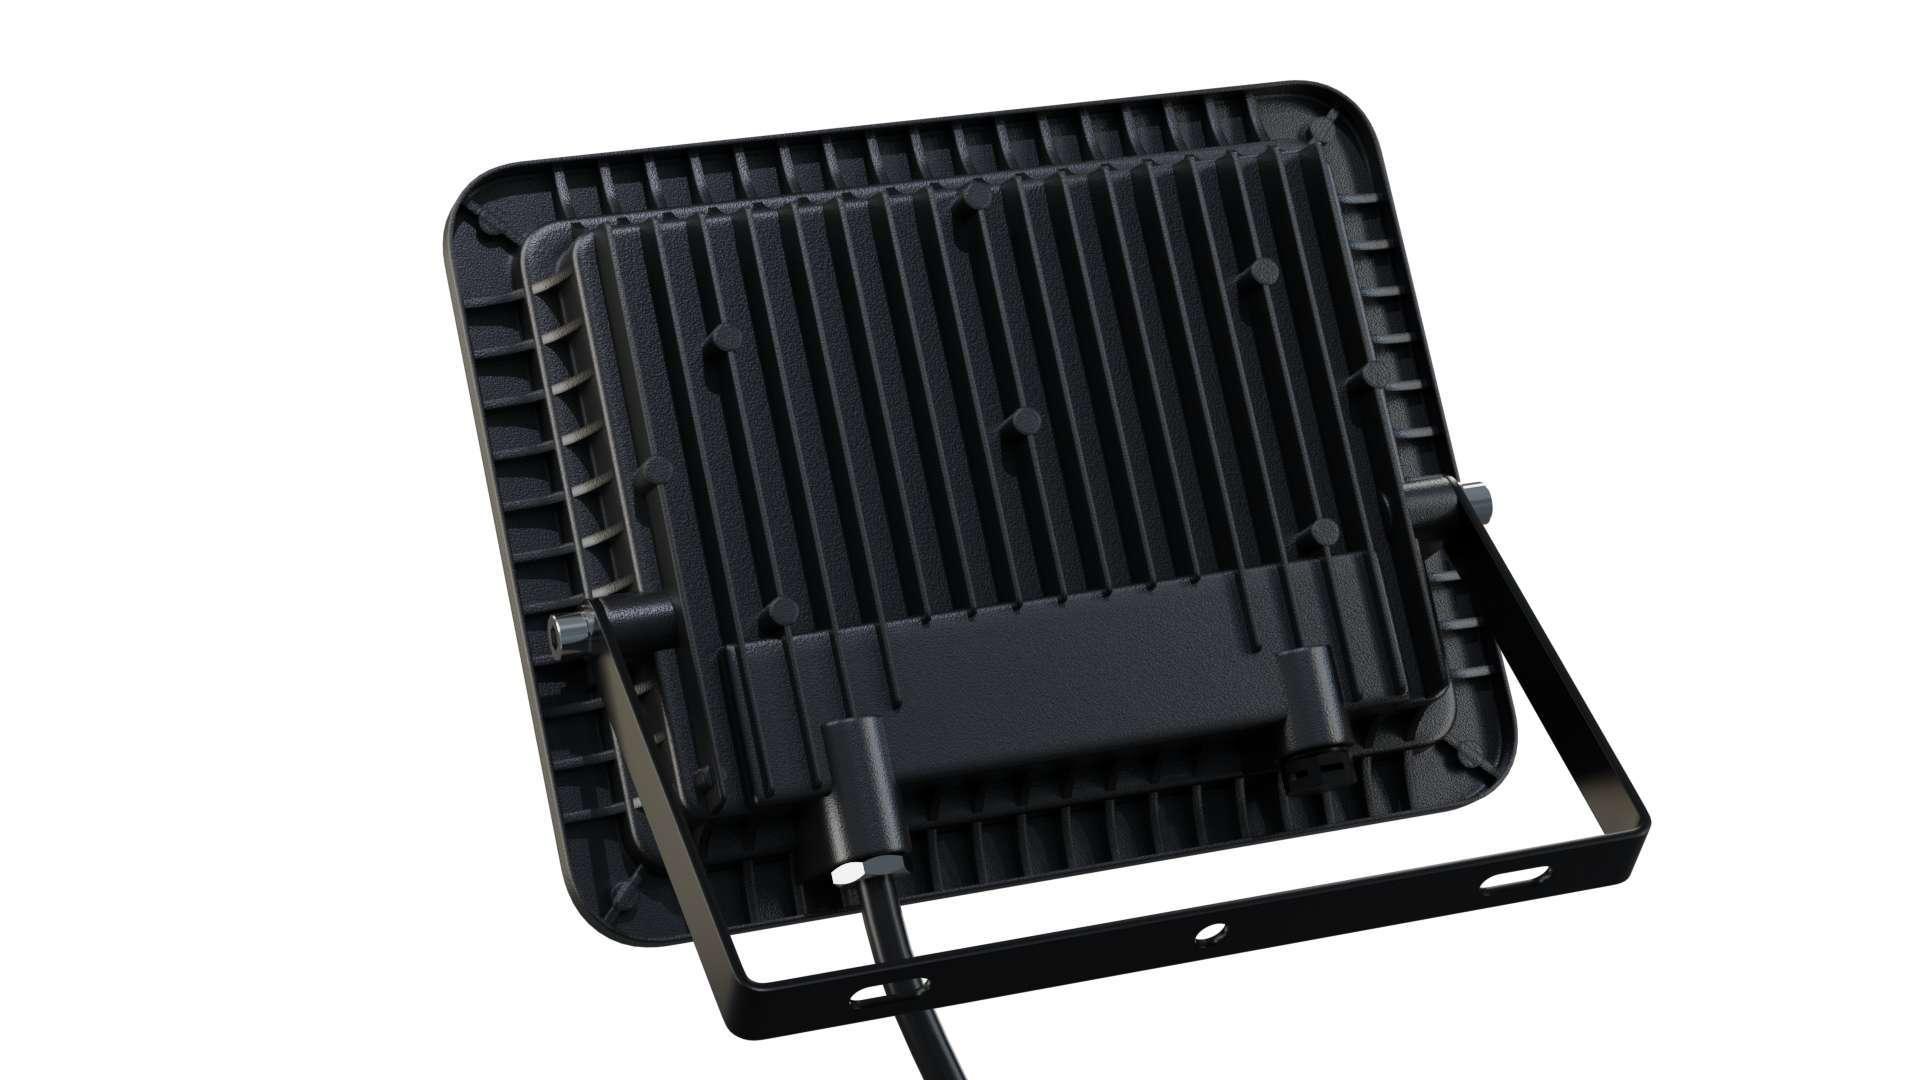 LED Floodligh 3Y 50W Neutral white SMD IP65 SLIM, black